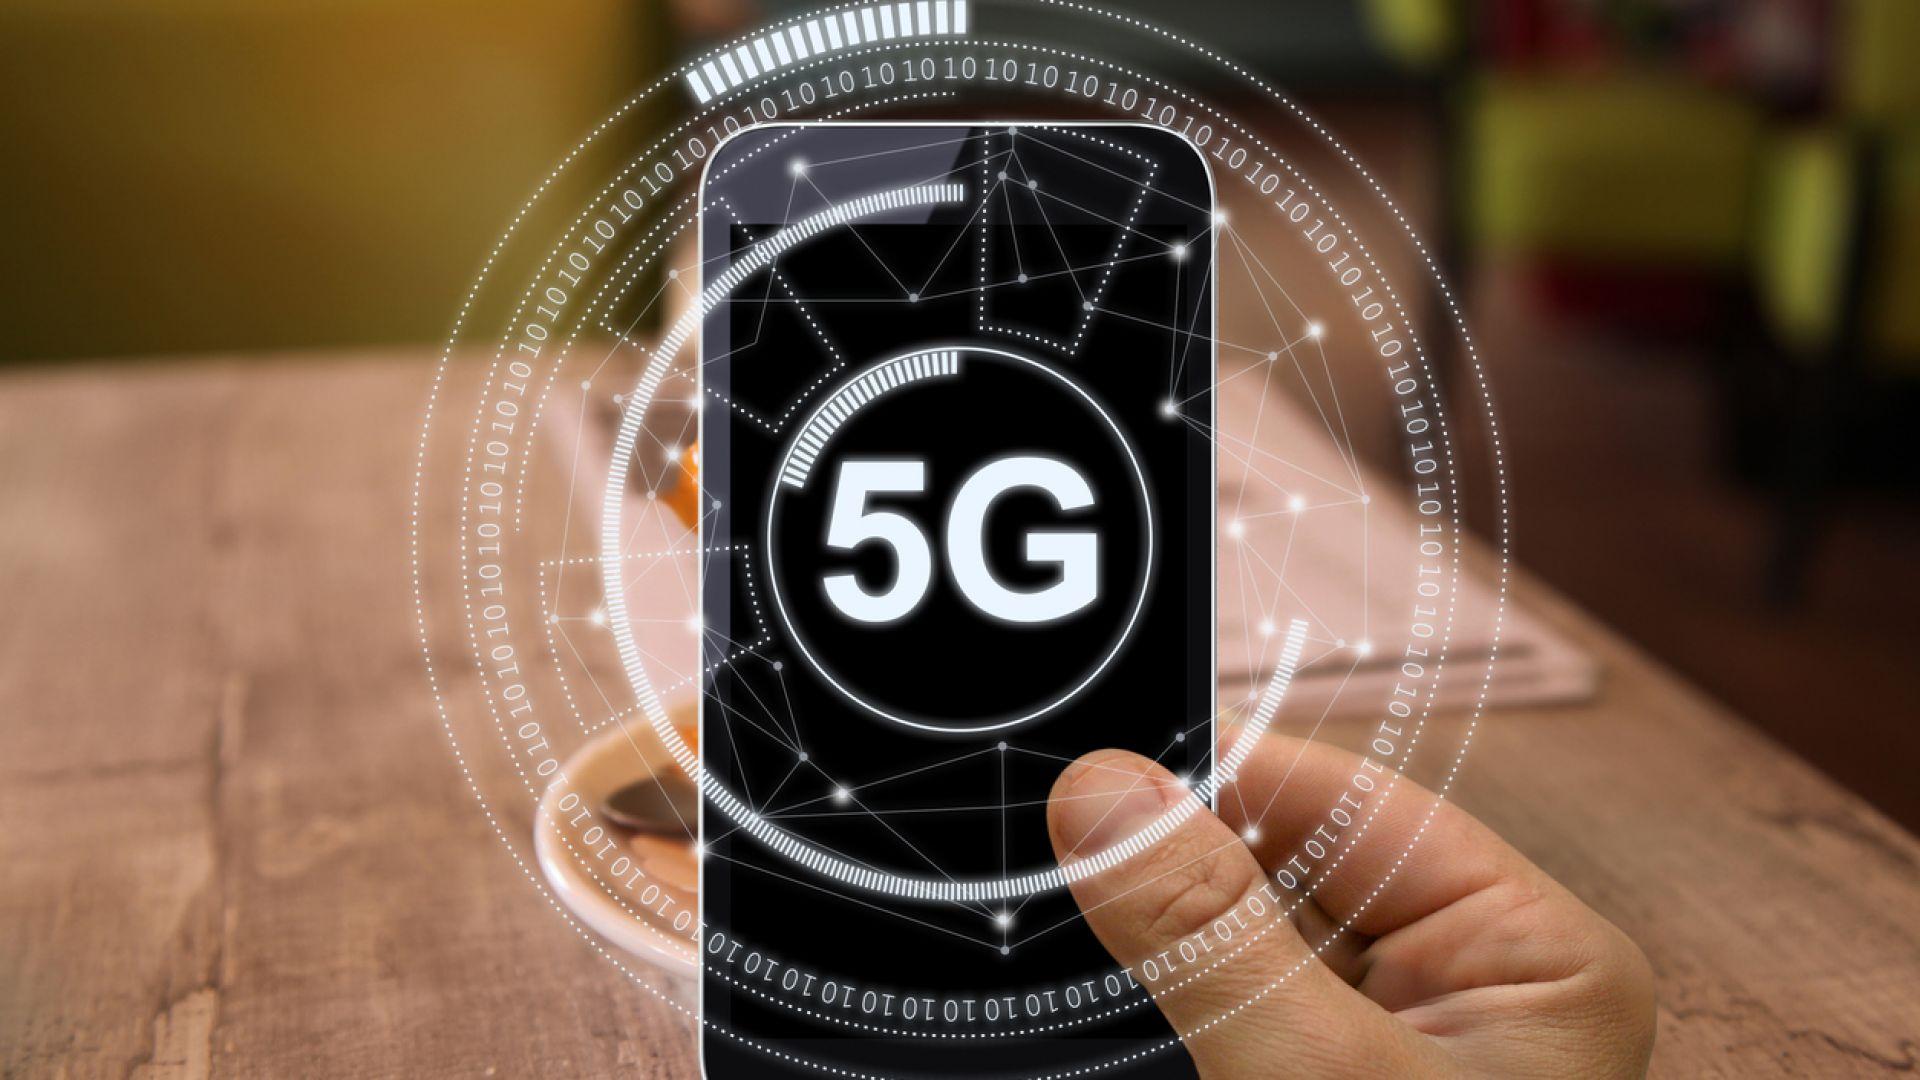 Как да се сдобием с изгоден 5G смартфон с опция за изплащане за 36 м